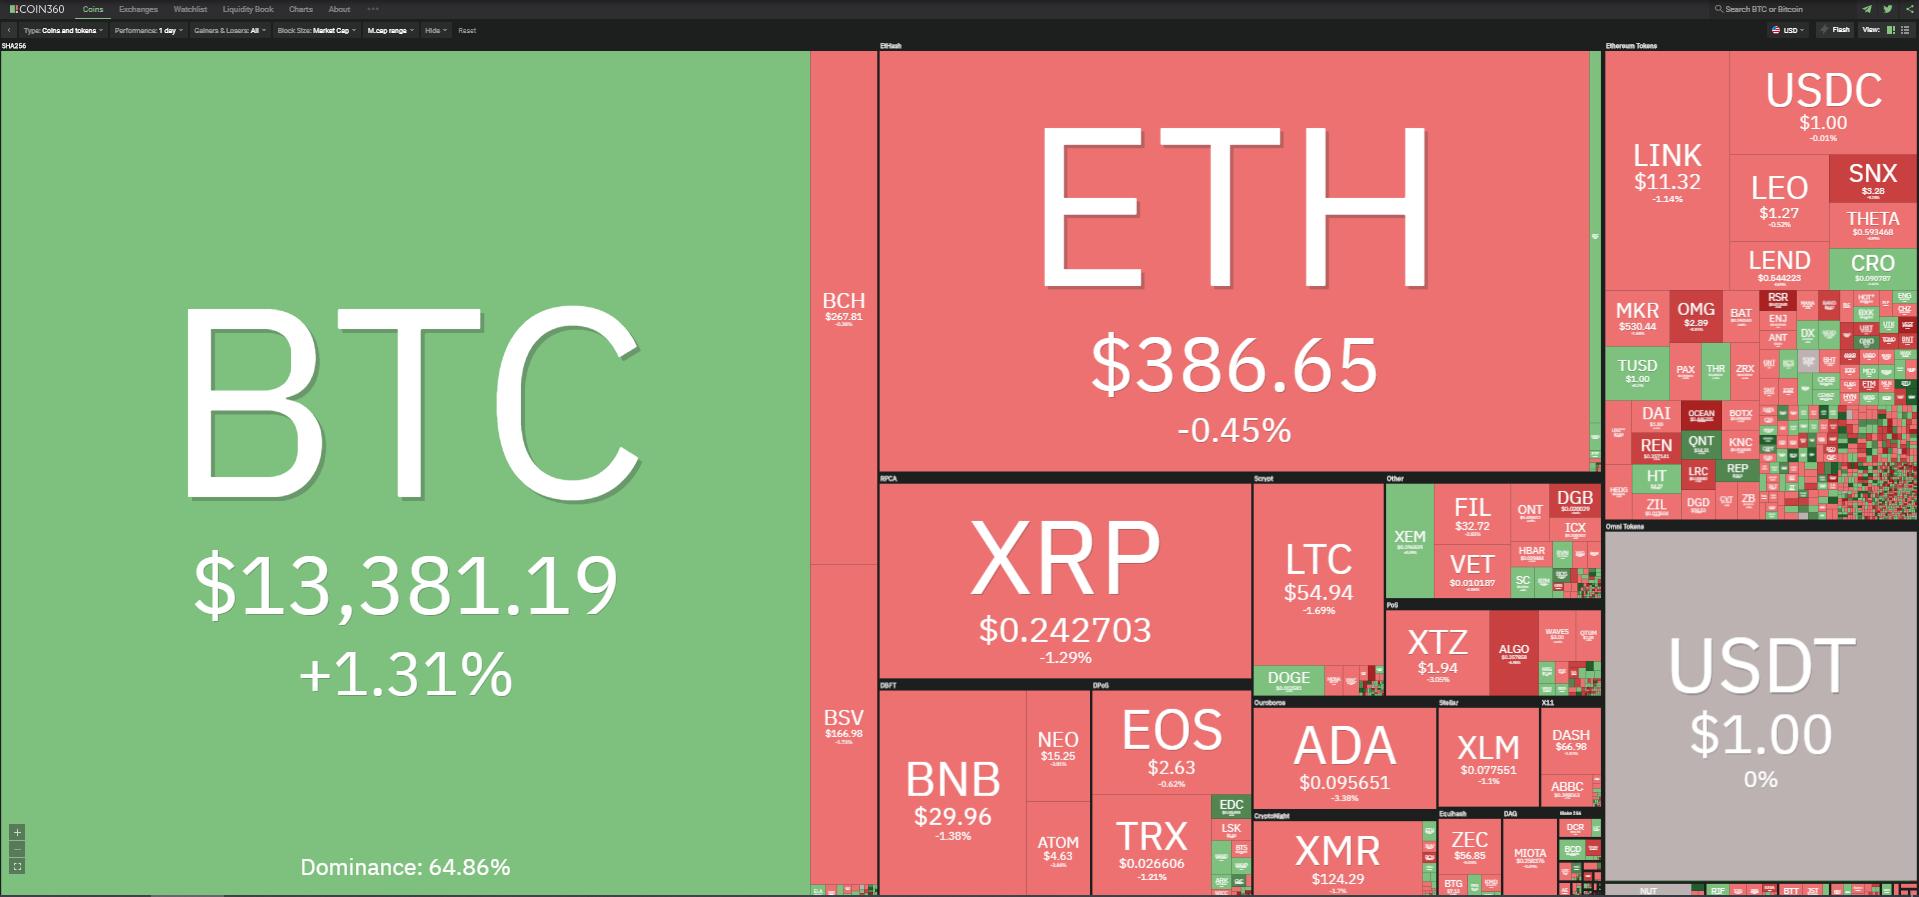 Toàn cảnh thị trường tiền kĩ thuật số ngày 30/10 (nguồn: Coin360.com).